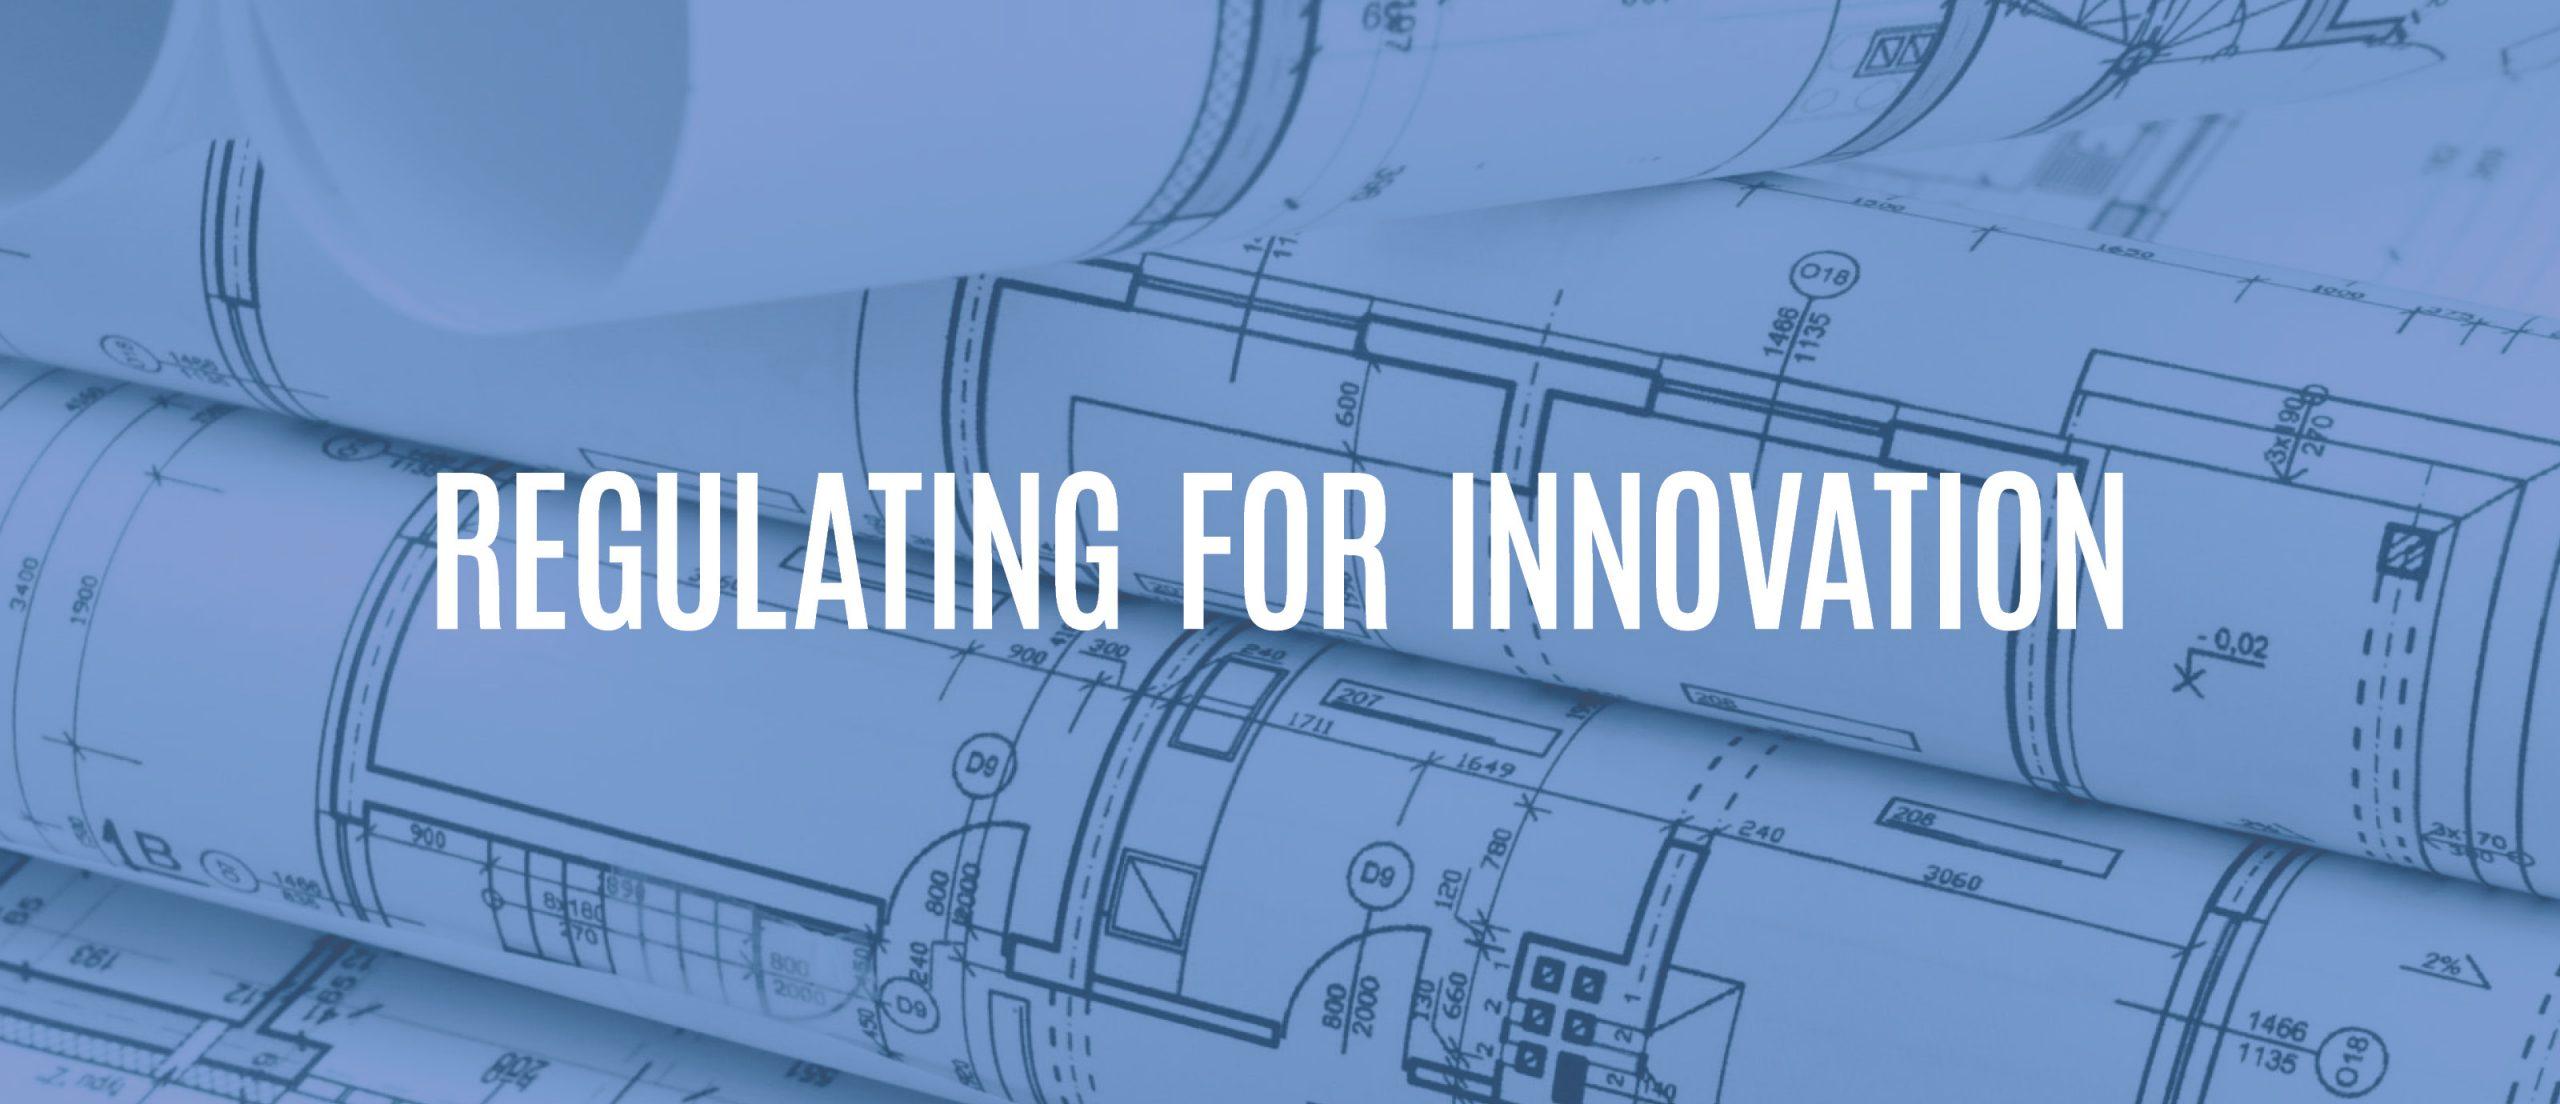 Blog title: regulating for innovation